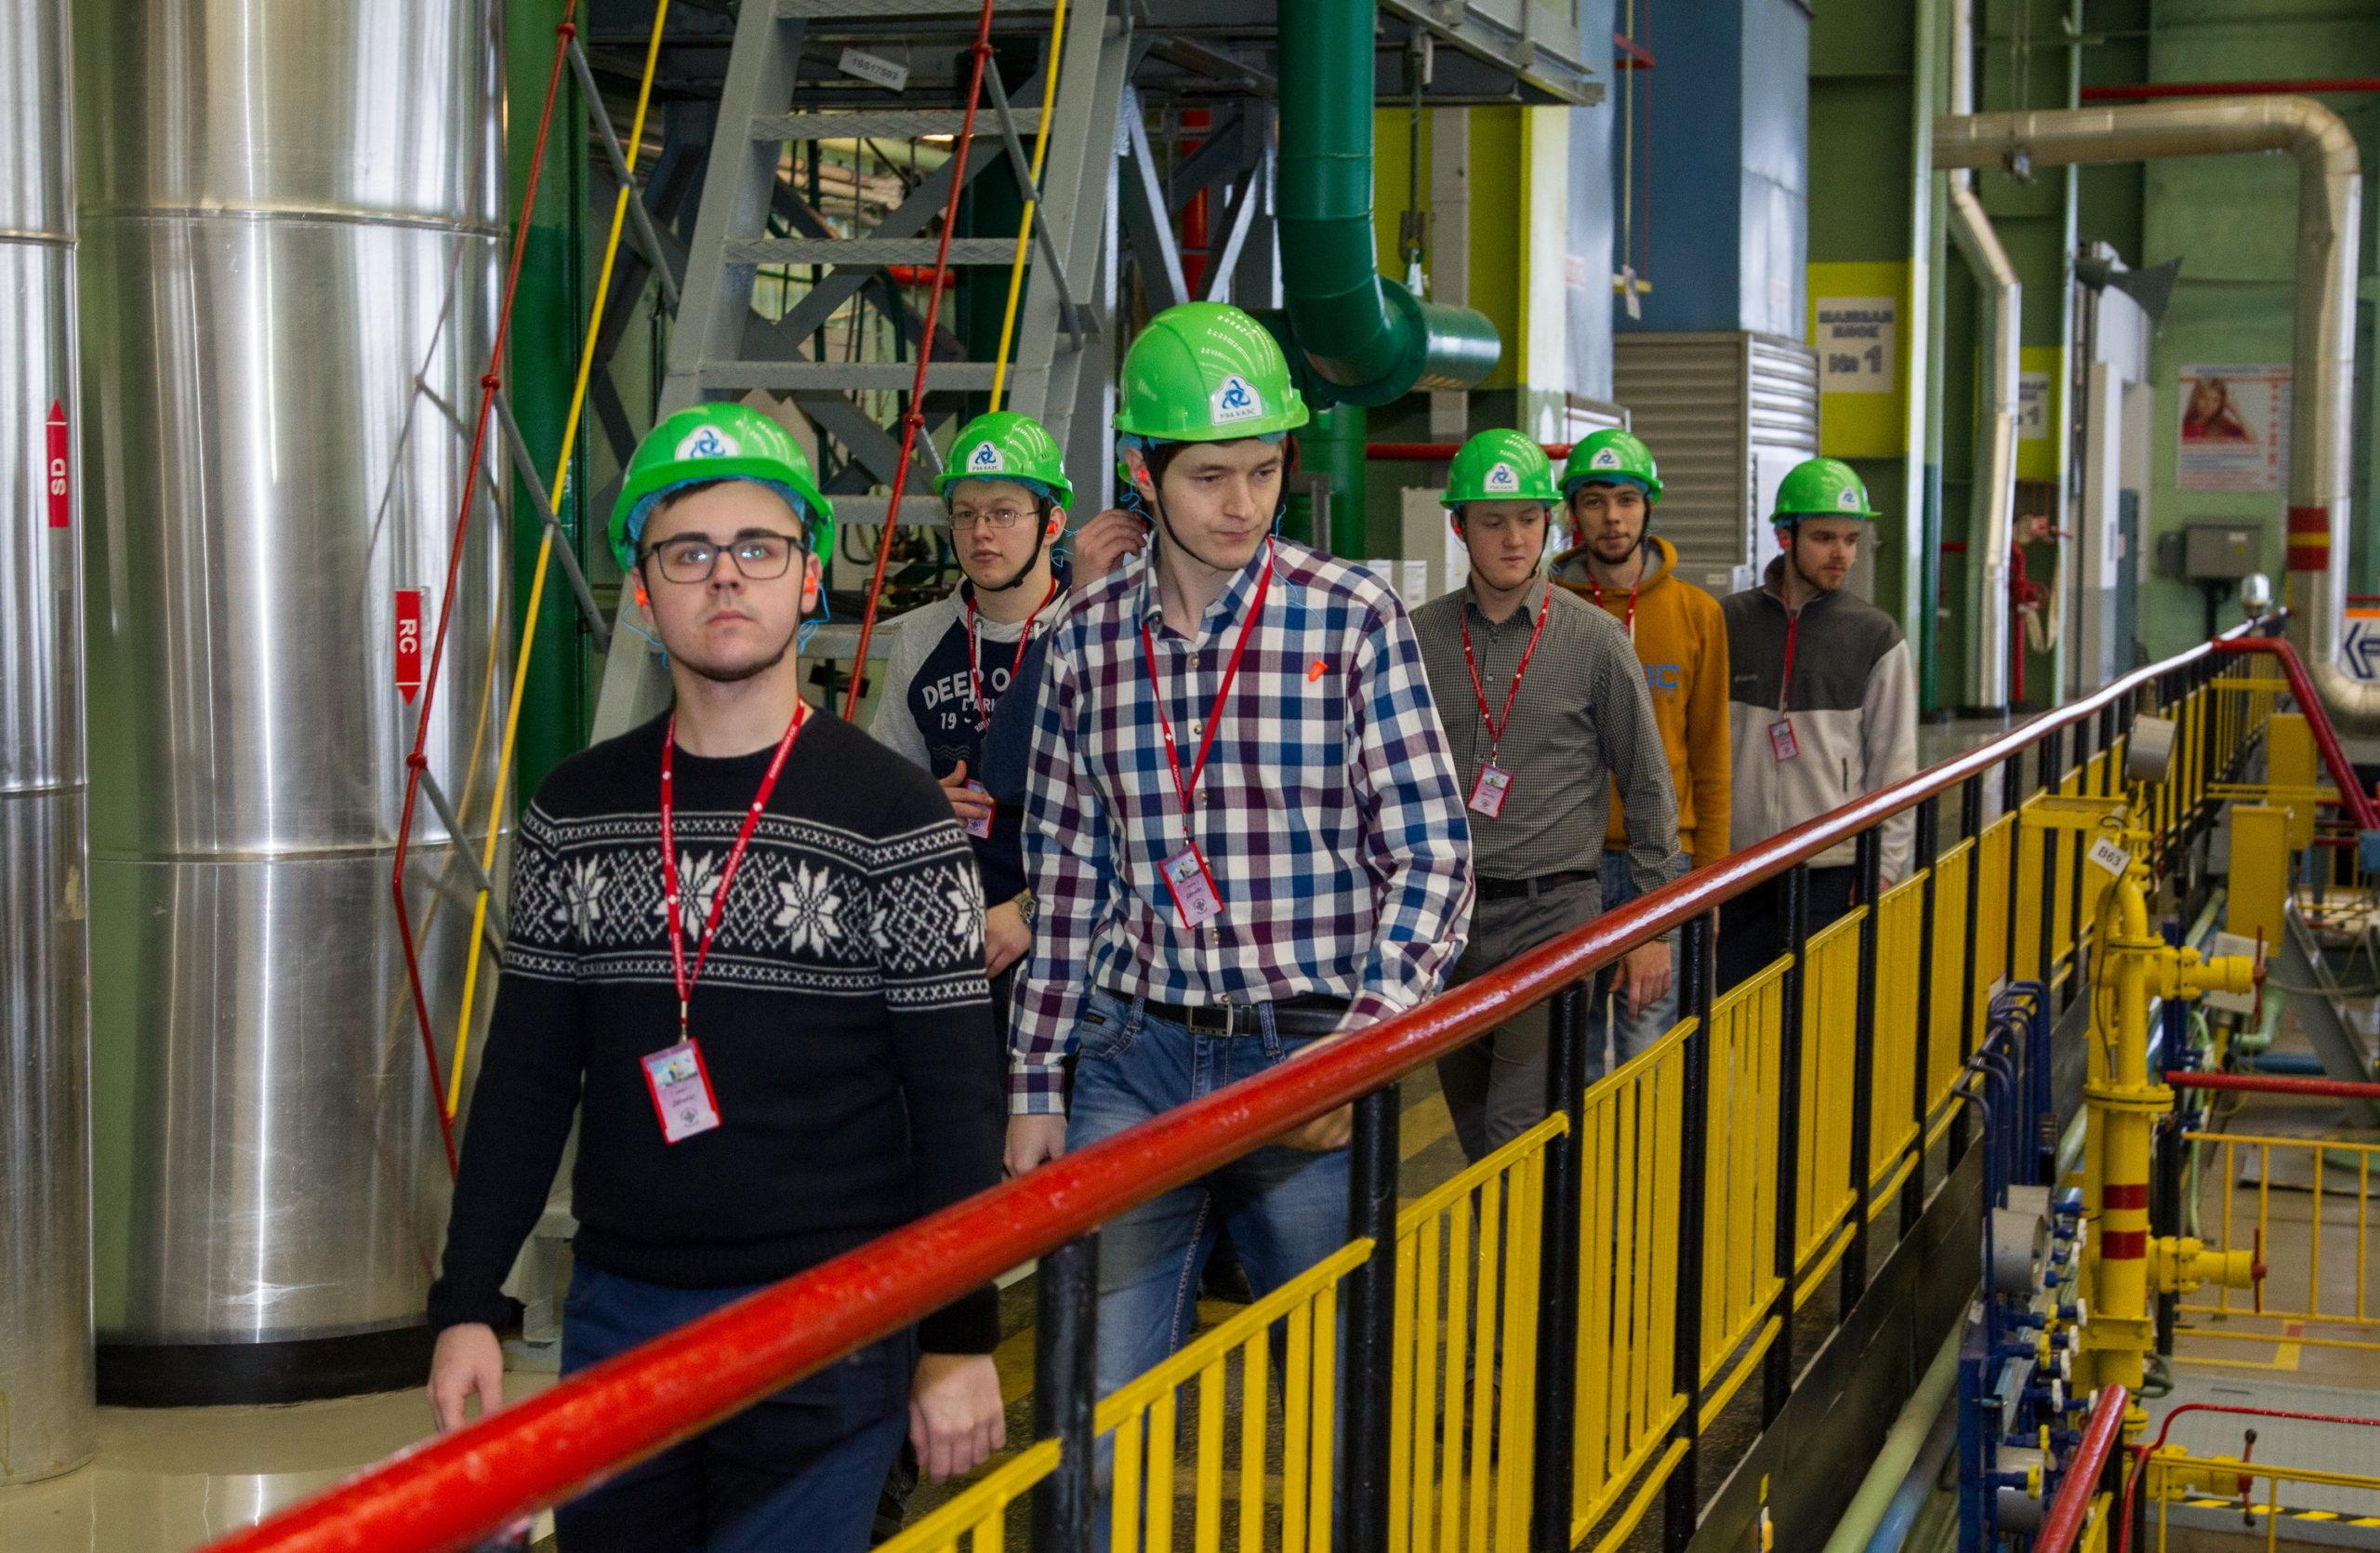 Калининская АЭС возглавила рейтинг атомных станций России по количеству молодых специалистов